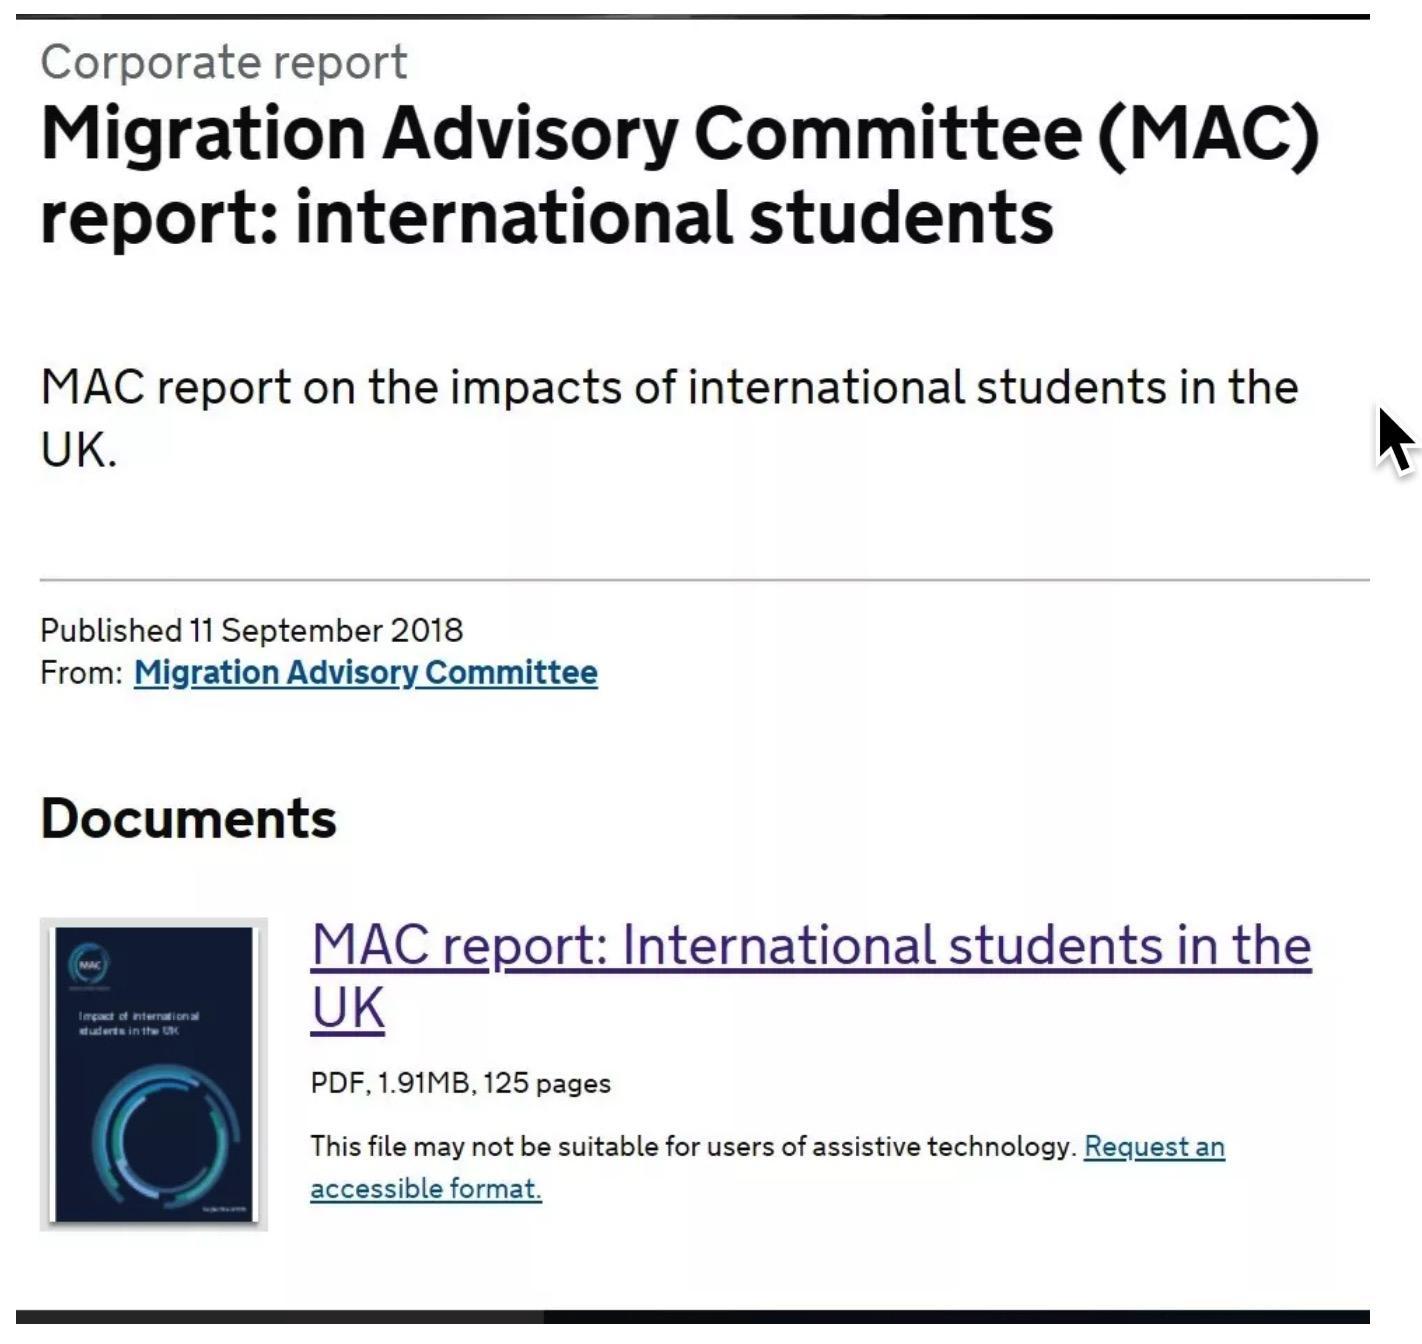 国际留学生的调查报告